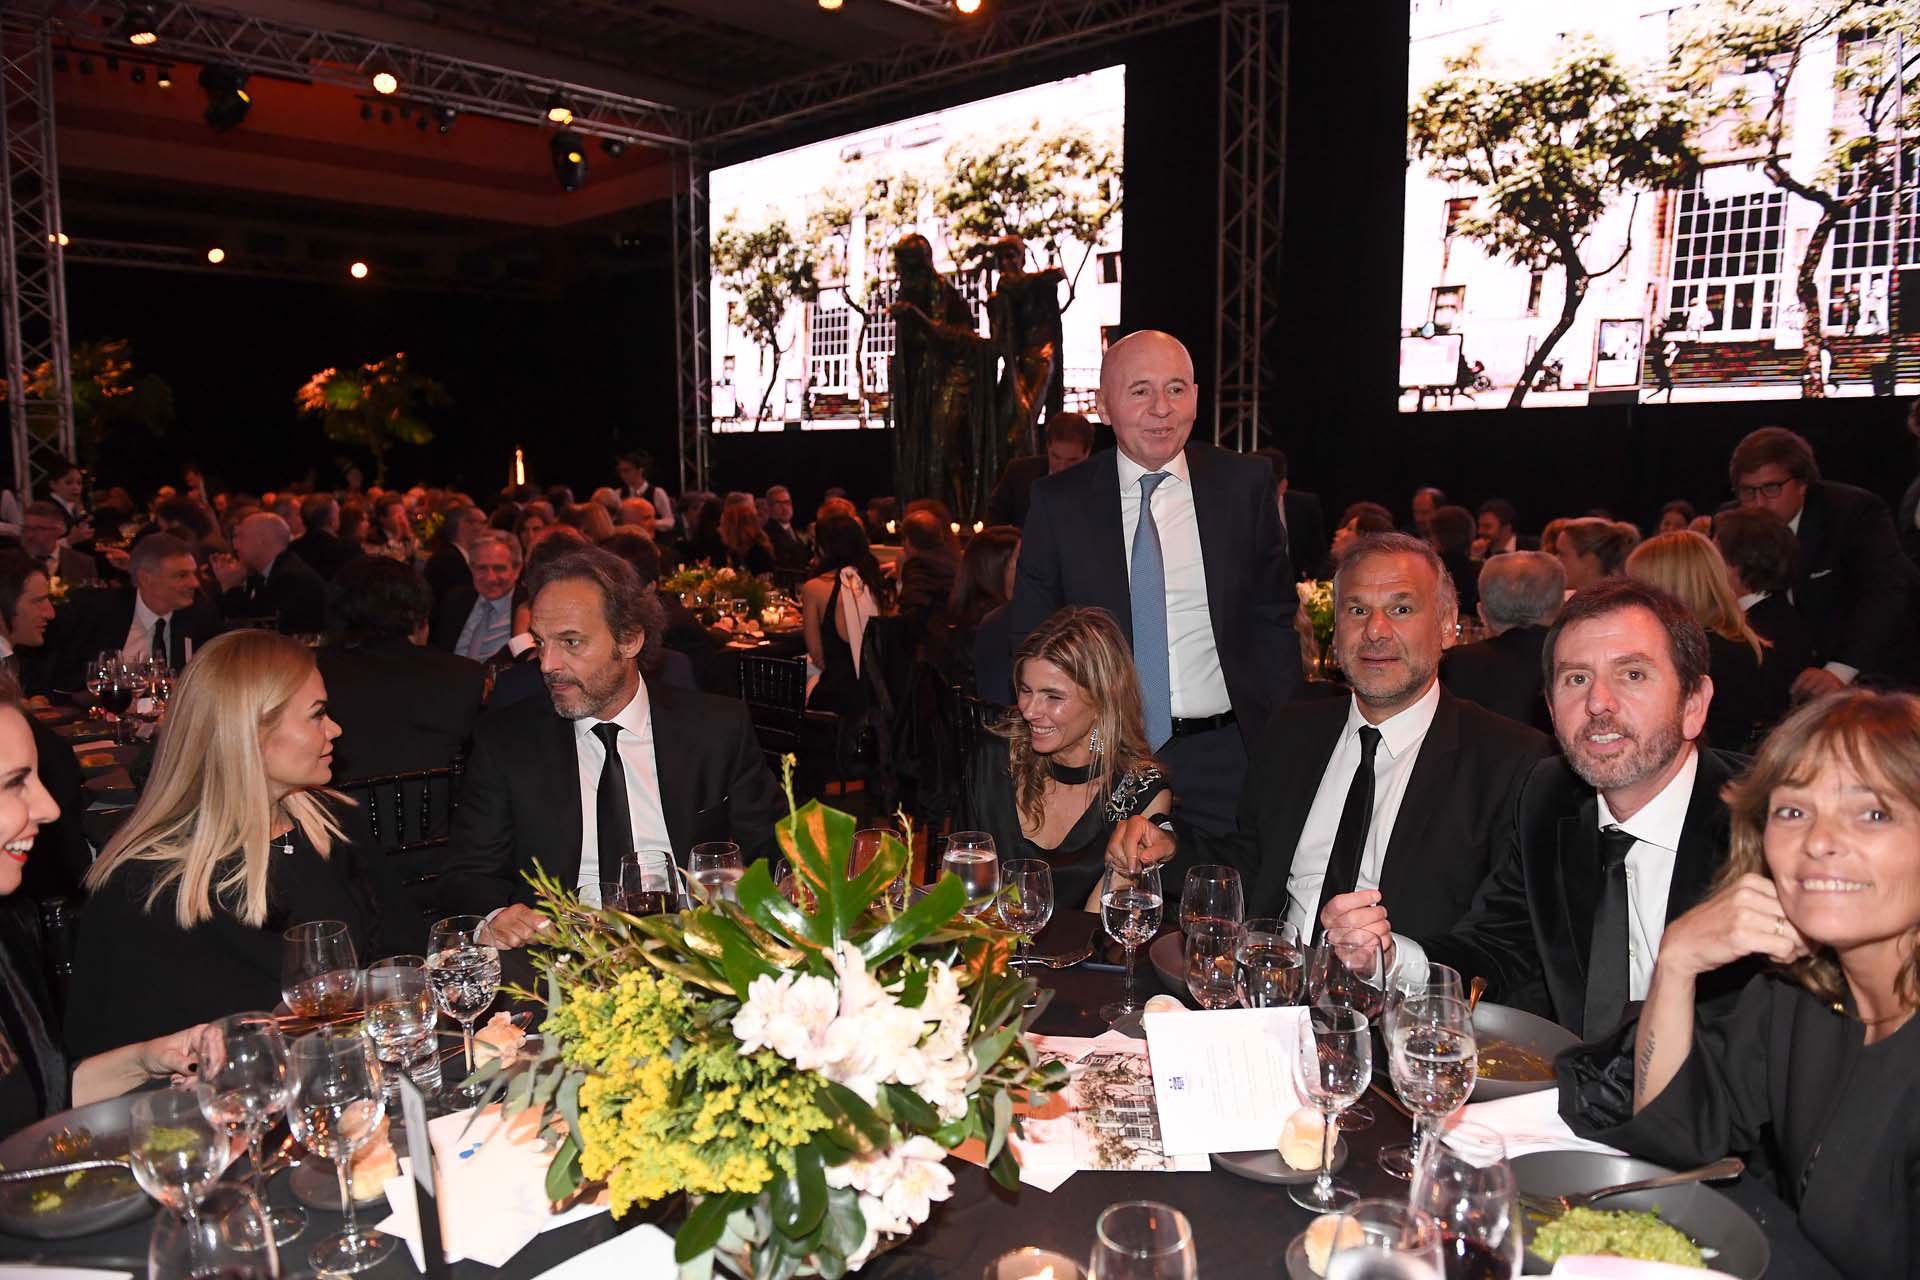 Miguel Sulichin (de pie) Angie Reyser, Luis Galli (presidente de Newsan) y Diego Pando